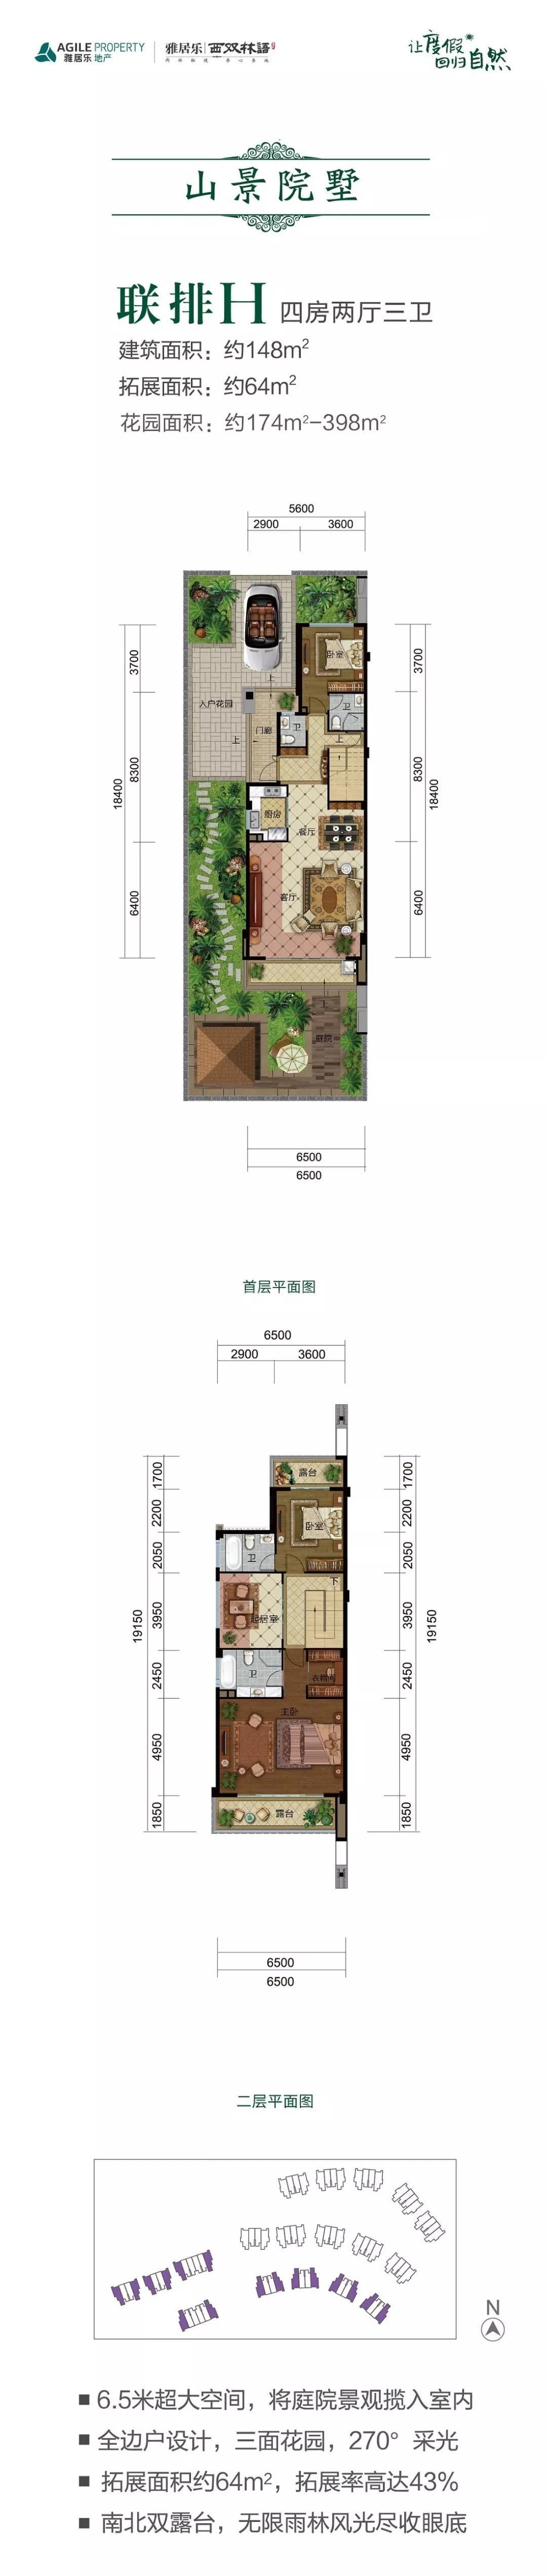 联排H户型 4室2厅3卫 建筑面积:148㎡